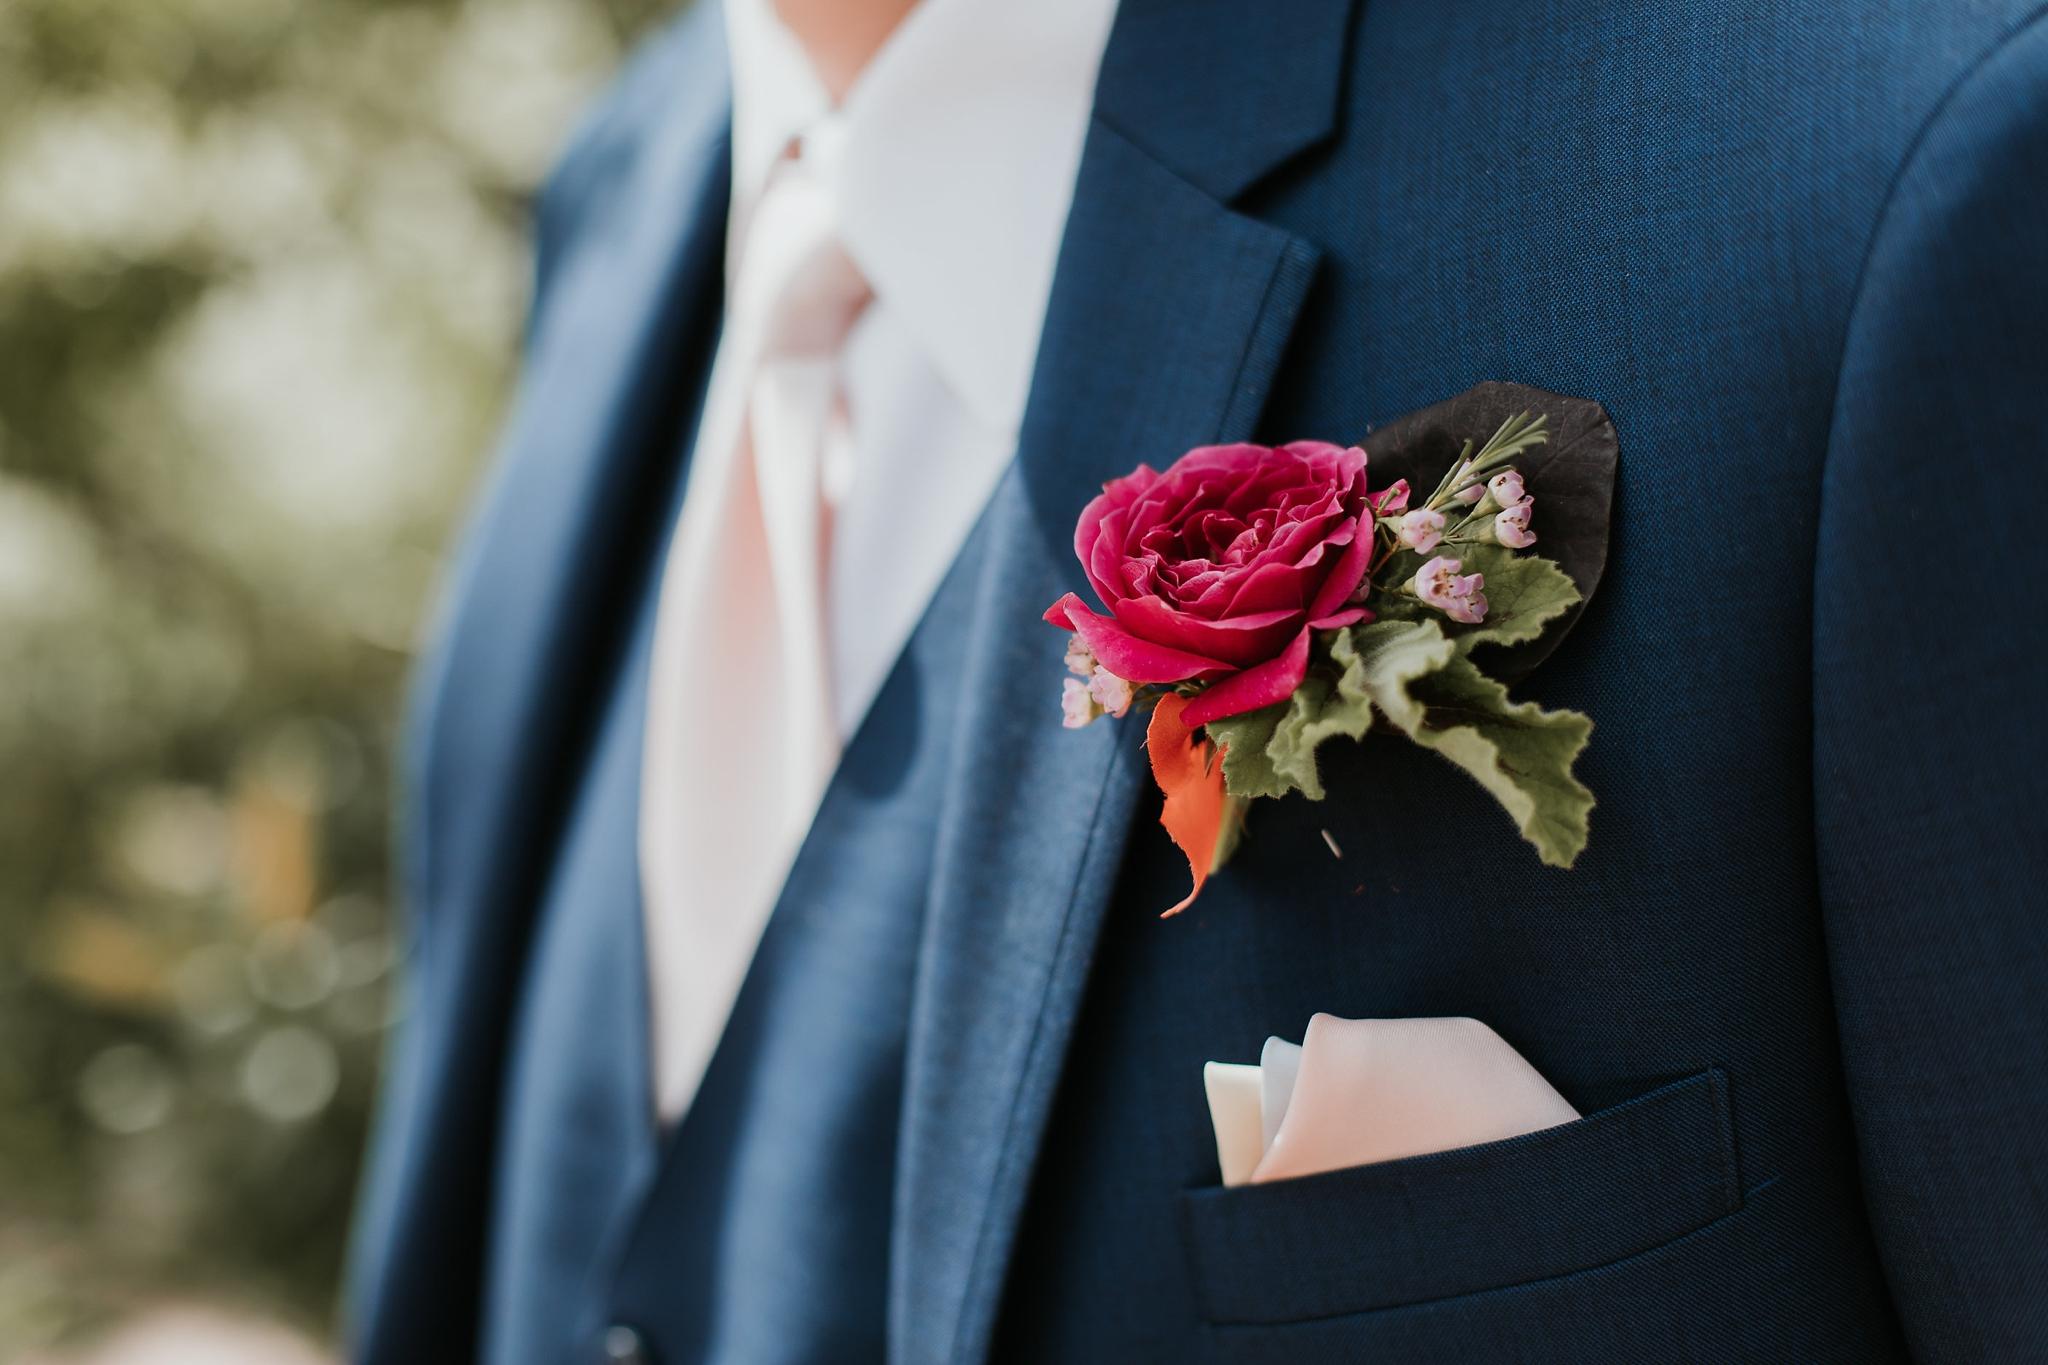 Alicia+lucia+photography+-+albuquerque+wedding+photographer+-+santa+fe+wedding+photography+-+new+mexico+wedding+photographer+-+new+mexico+florist+-+wedding+florist+-+renegade+floral_0031.jpg